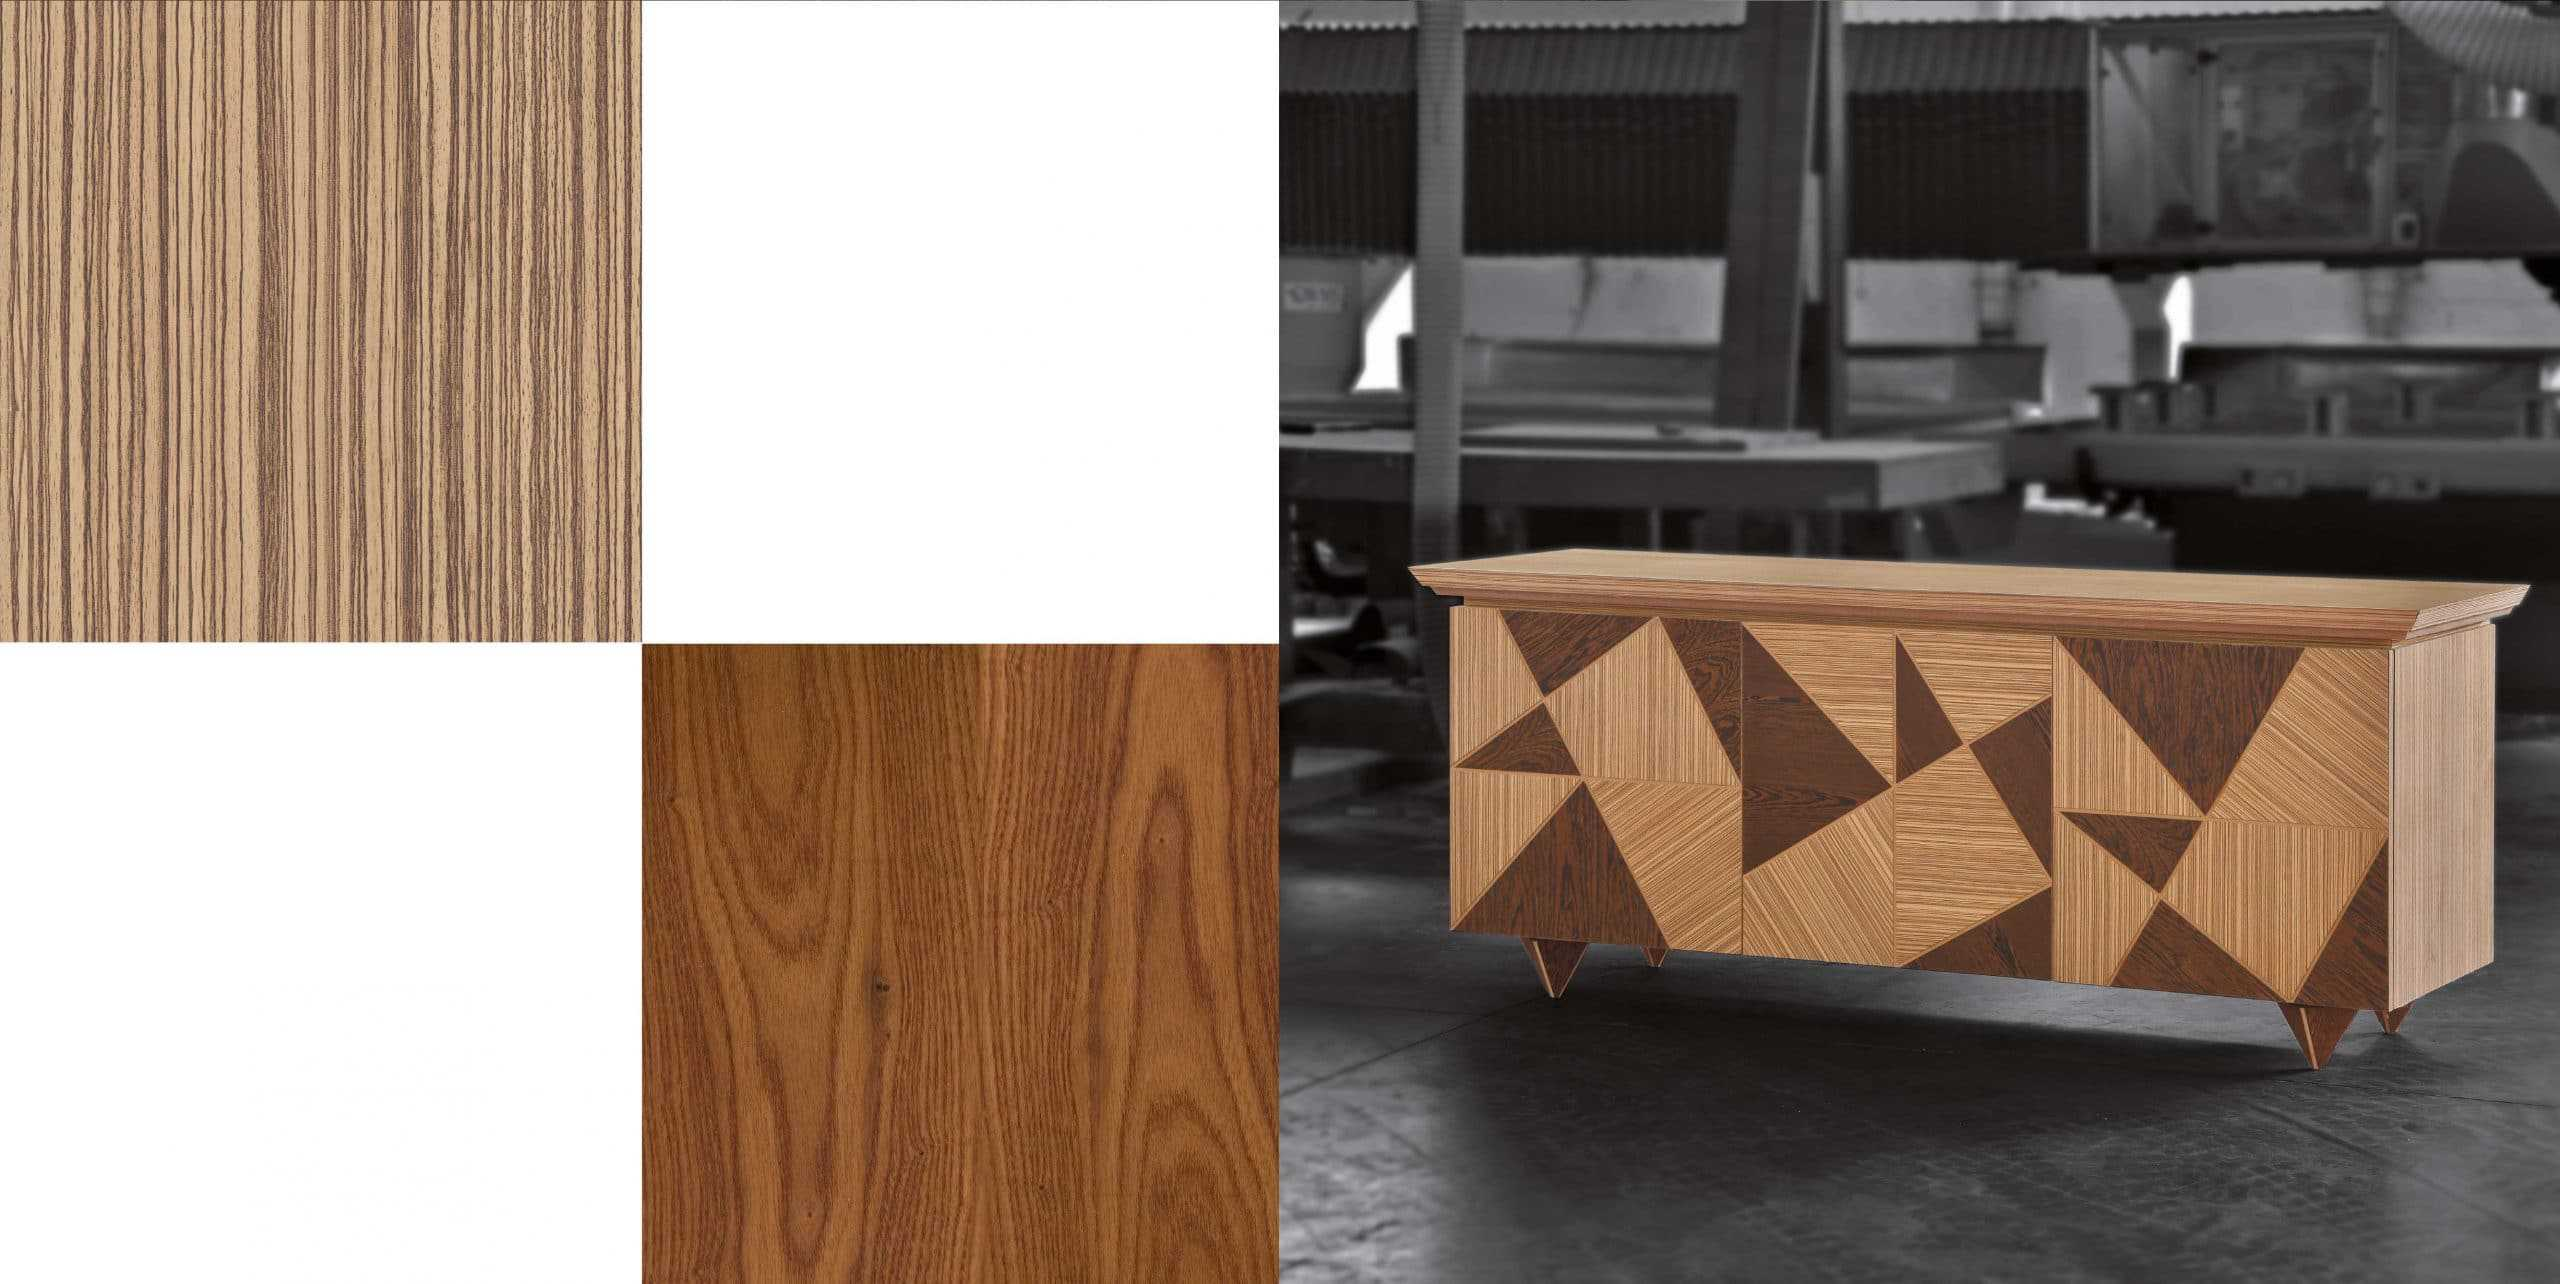 Design-Mobili-k89design-creazione-campagna-pubblicitaria-padova